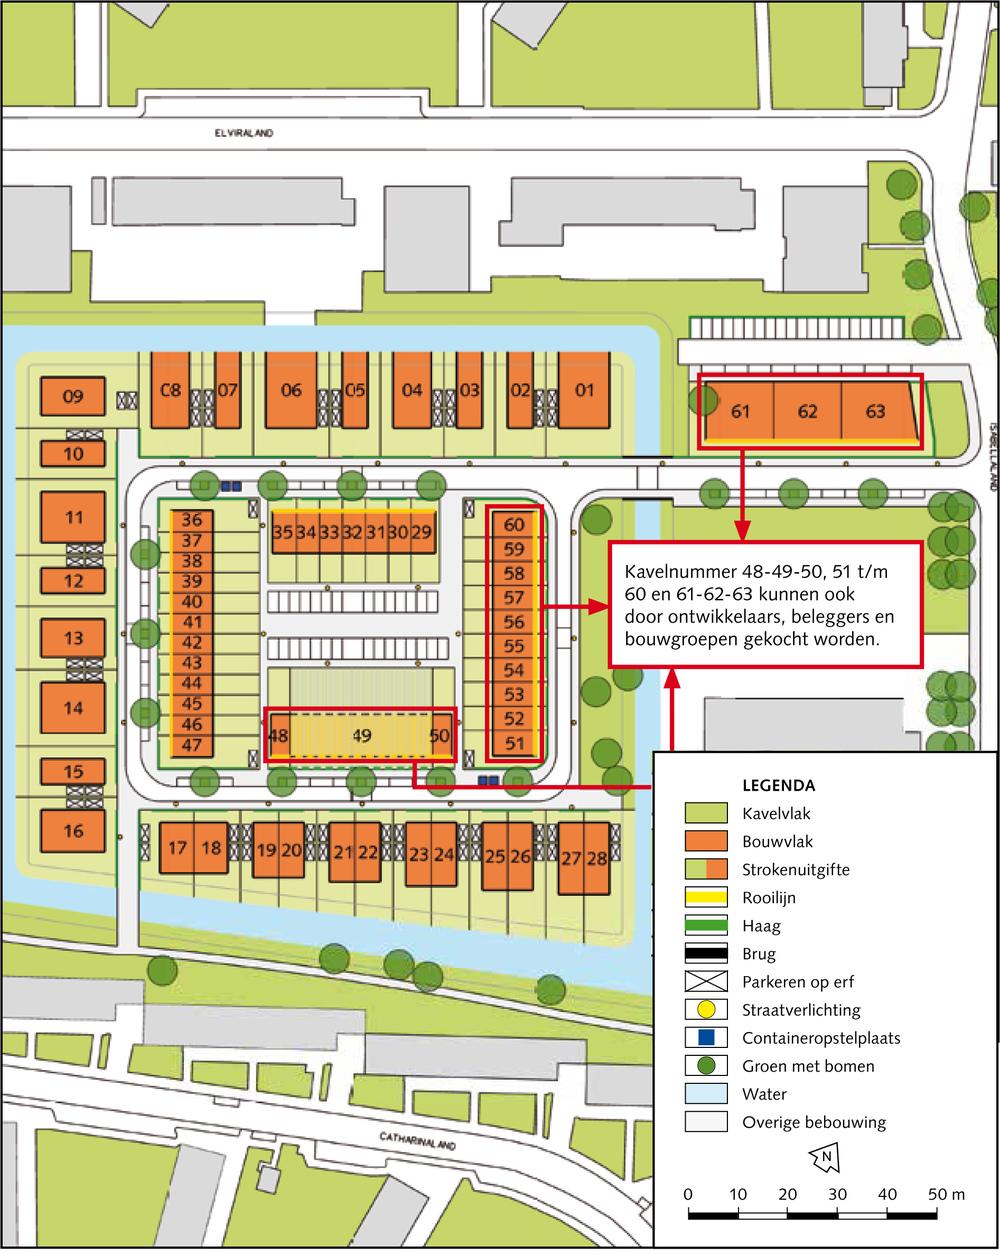 Voorbeeld van een kavelplan voor een nieuwbouw wijk